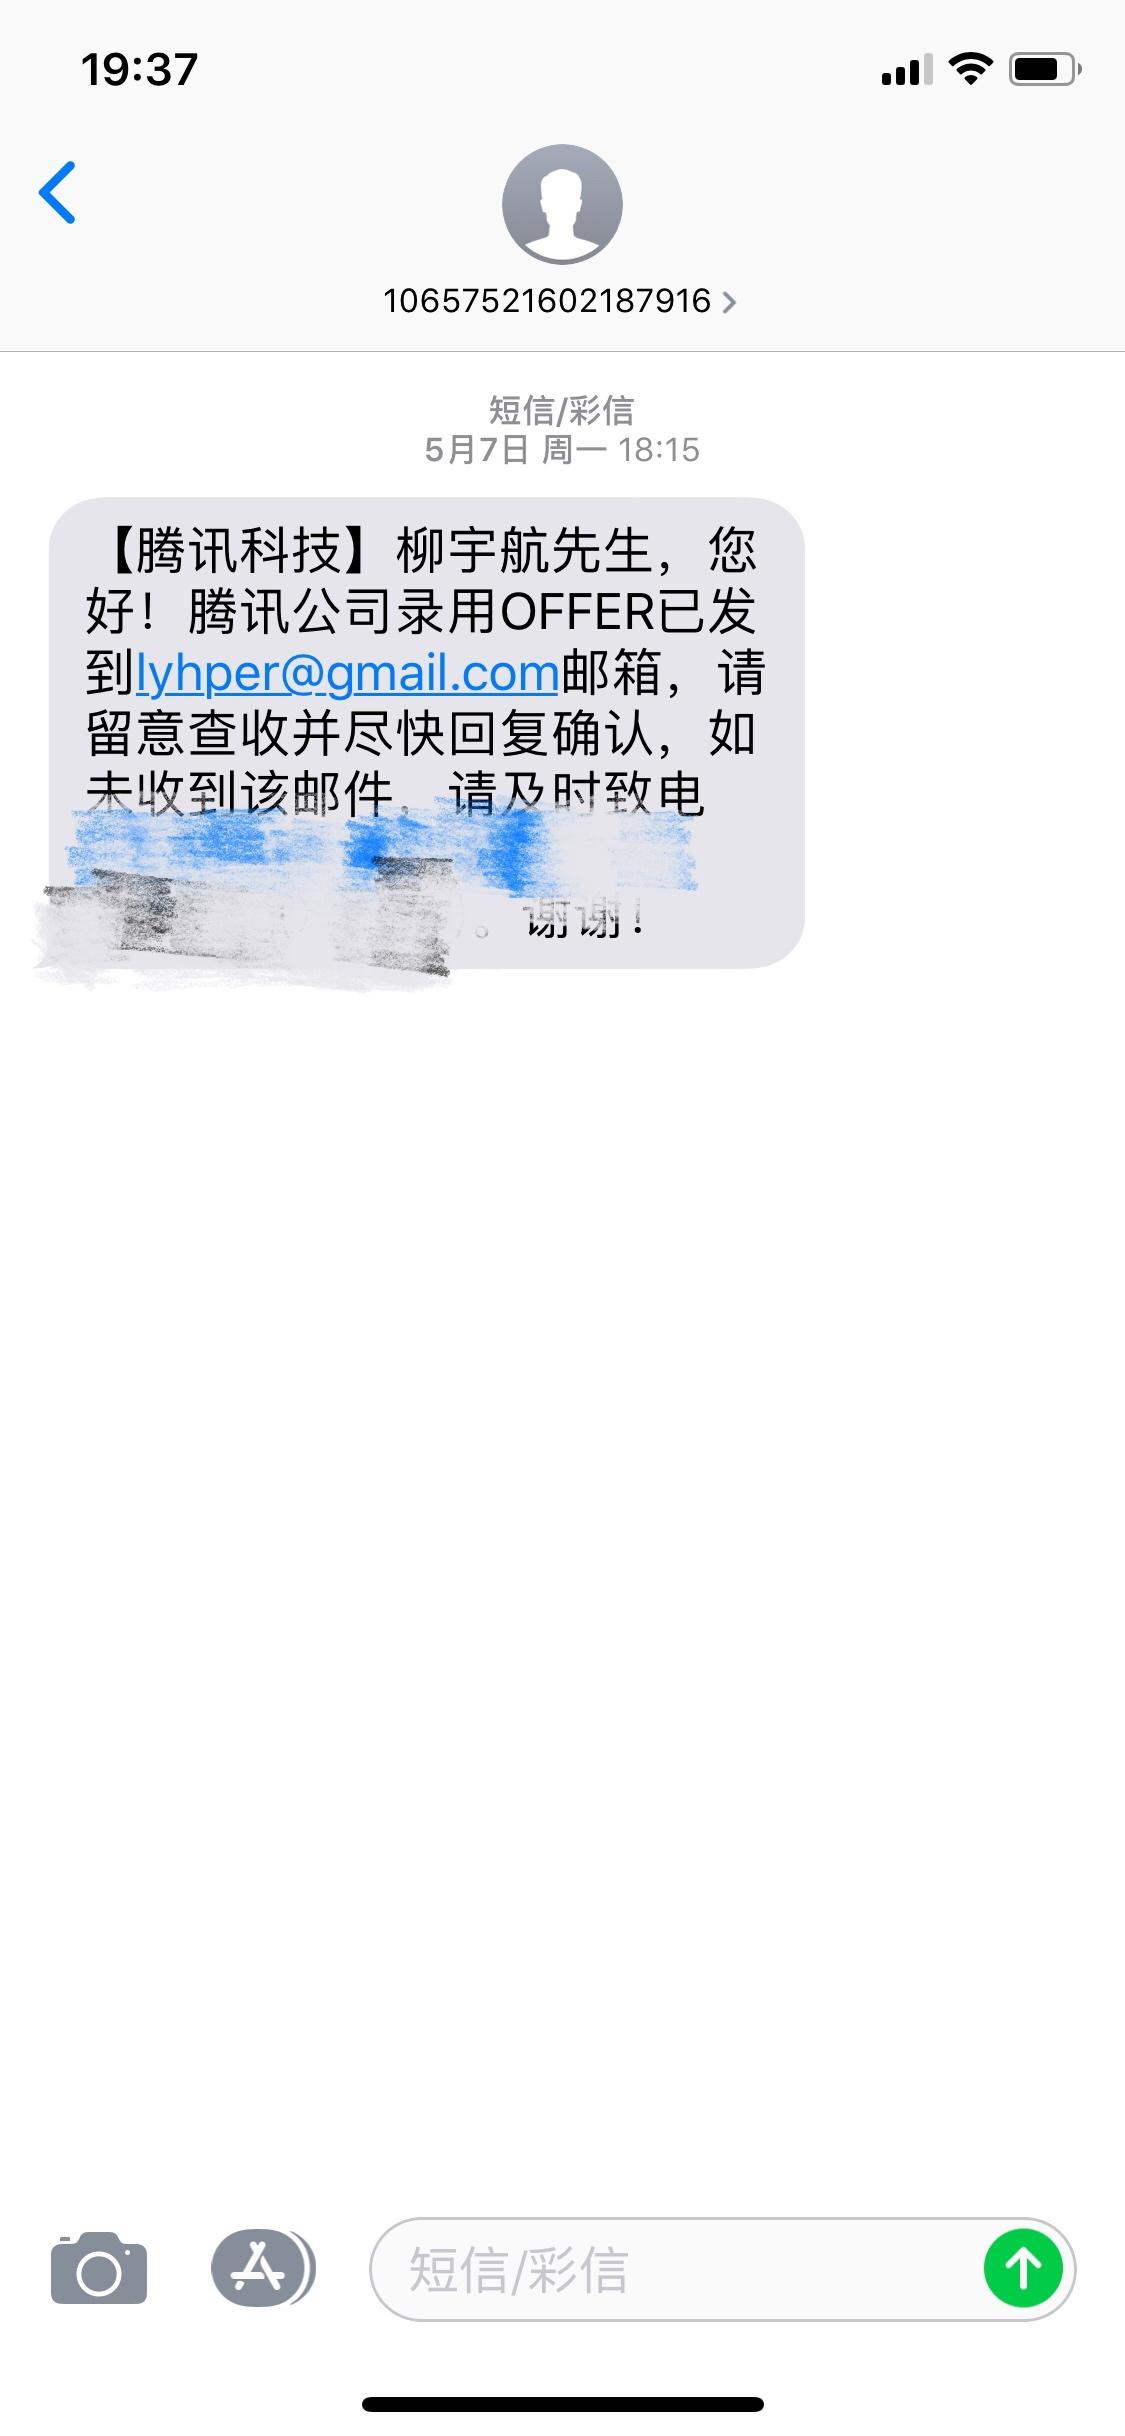 offer短信